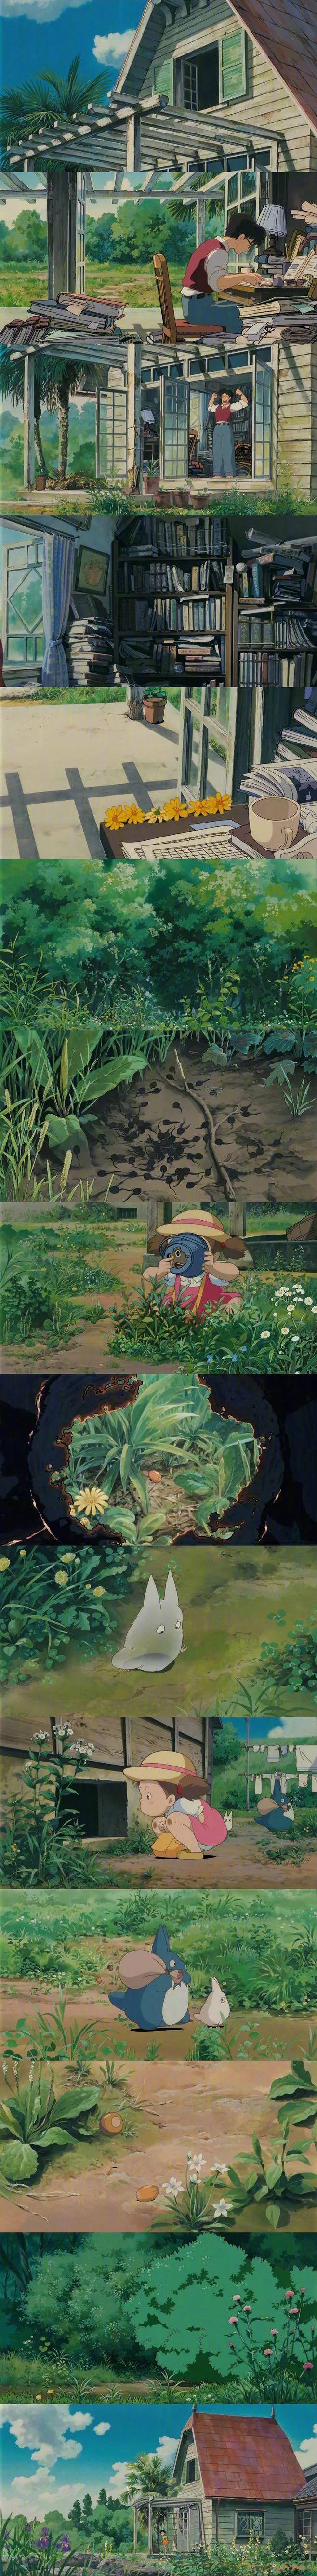 宫崎骏的动画世界 壁纸特辑,人间真有这些地方就好了!_图片 No.2